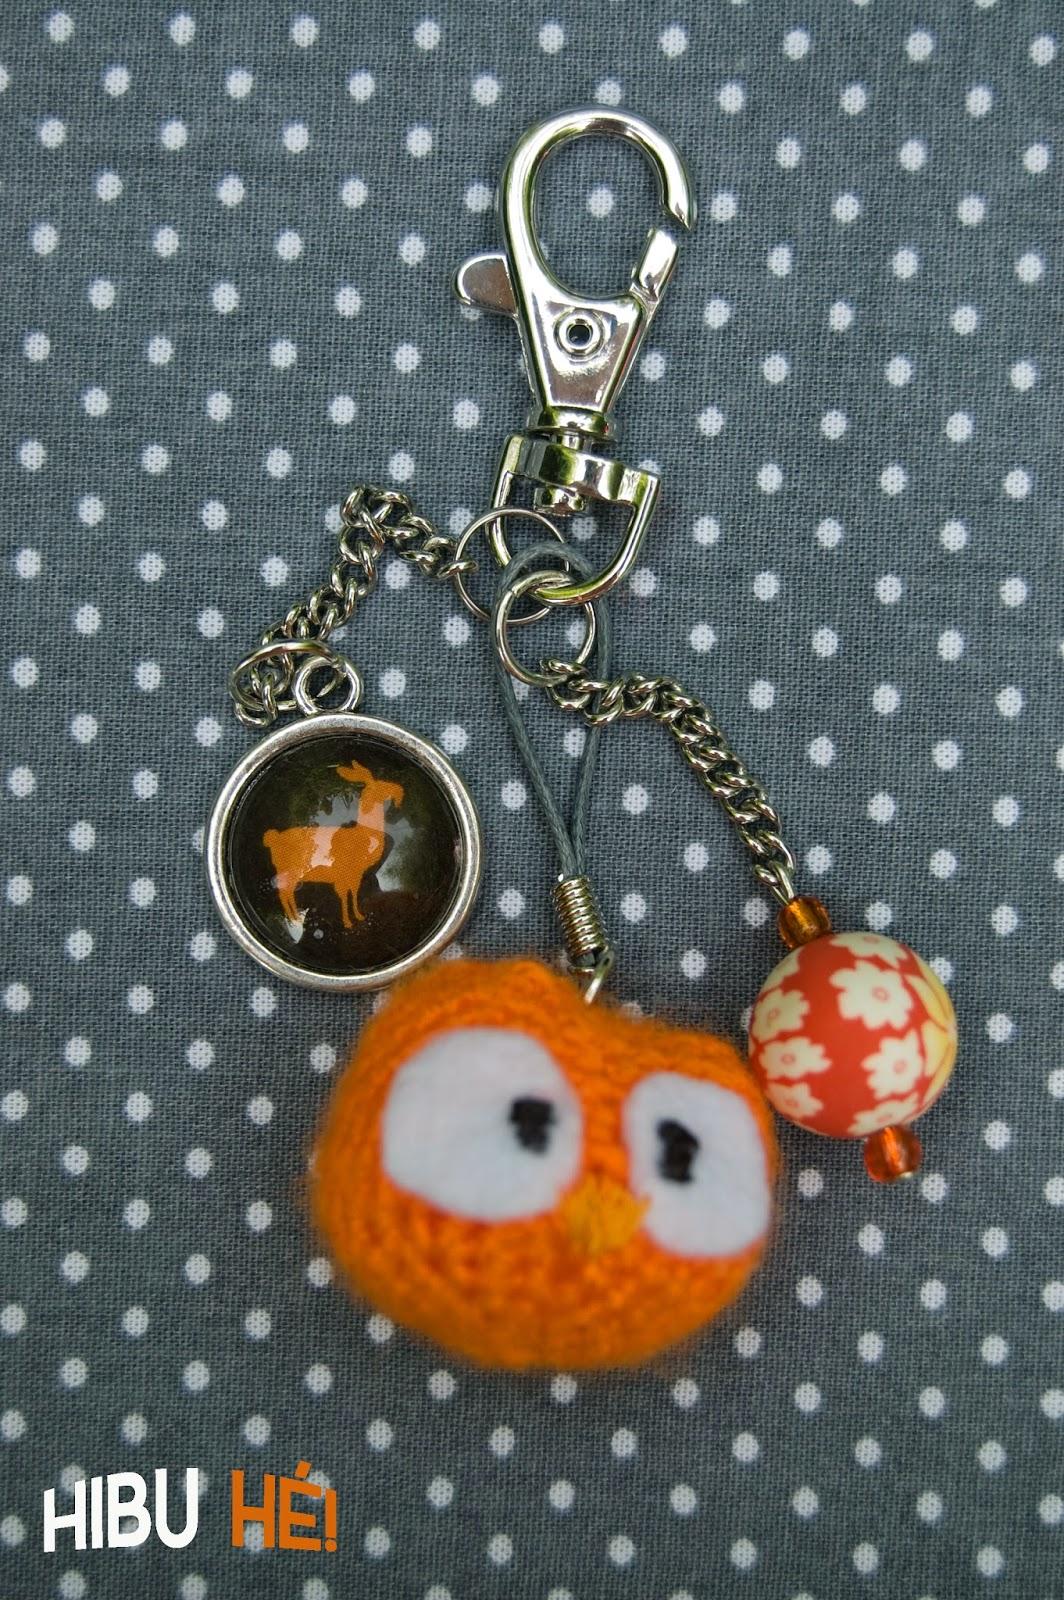 jeu-concours-madlaine-hibu-orange